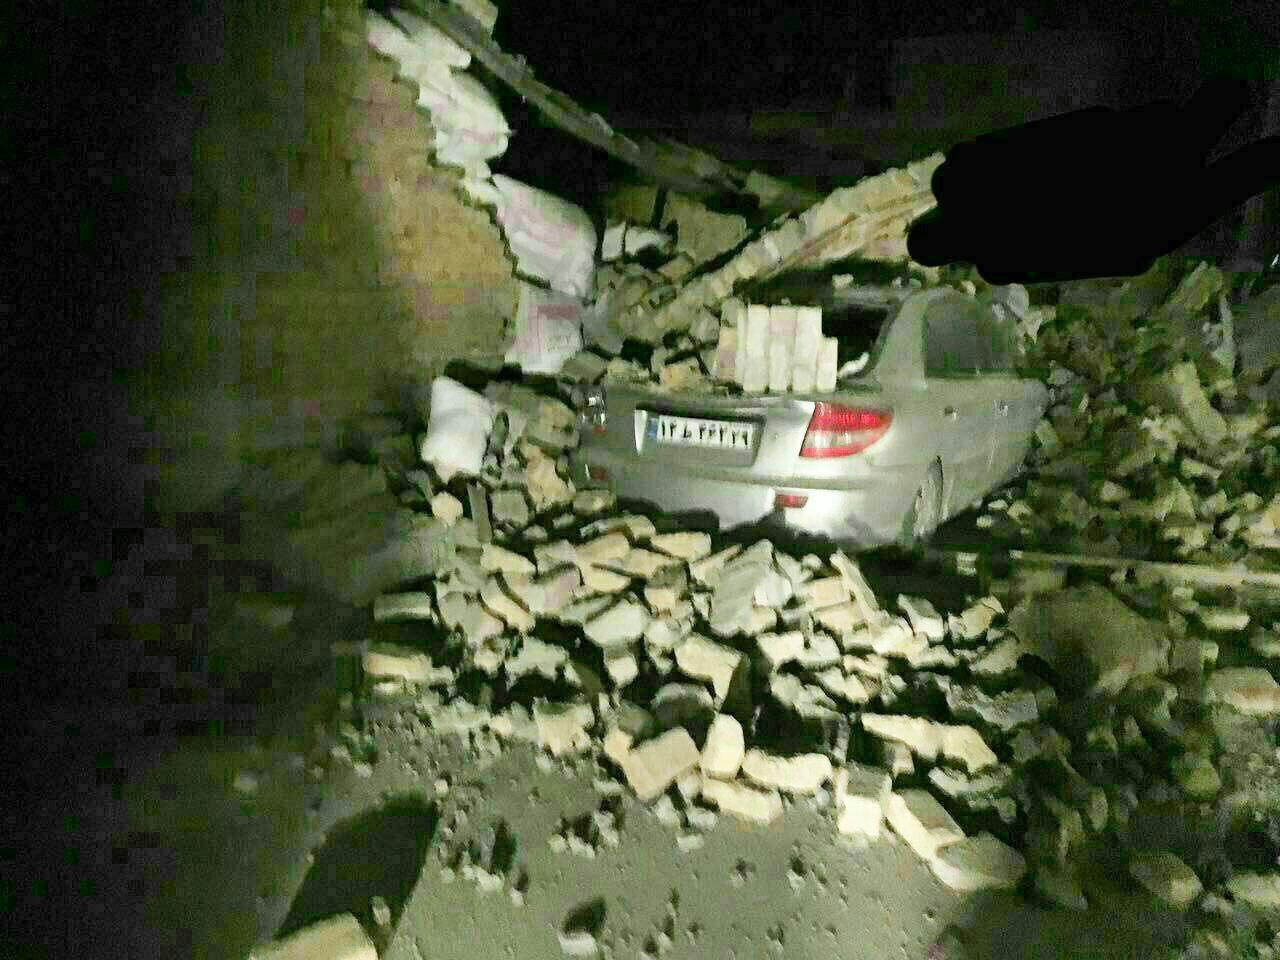 ۲ نفر در قصرشیرین زیر آوار زلزله فوت کردند